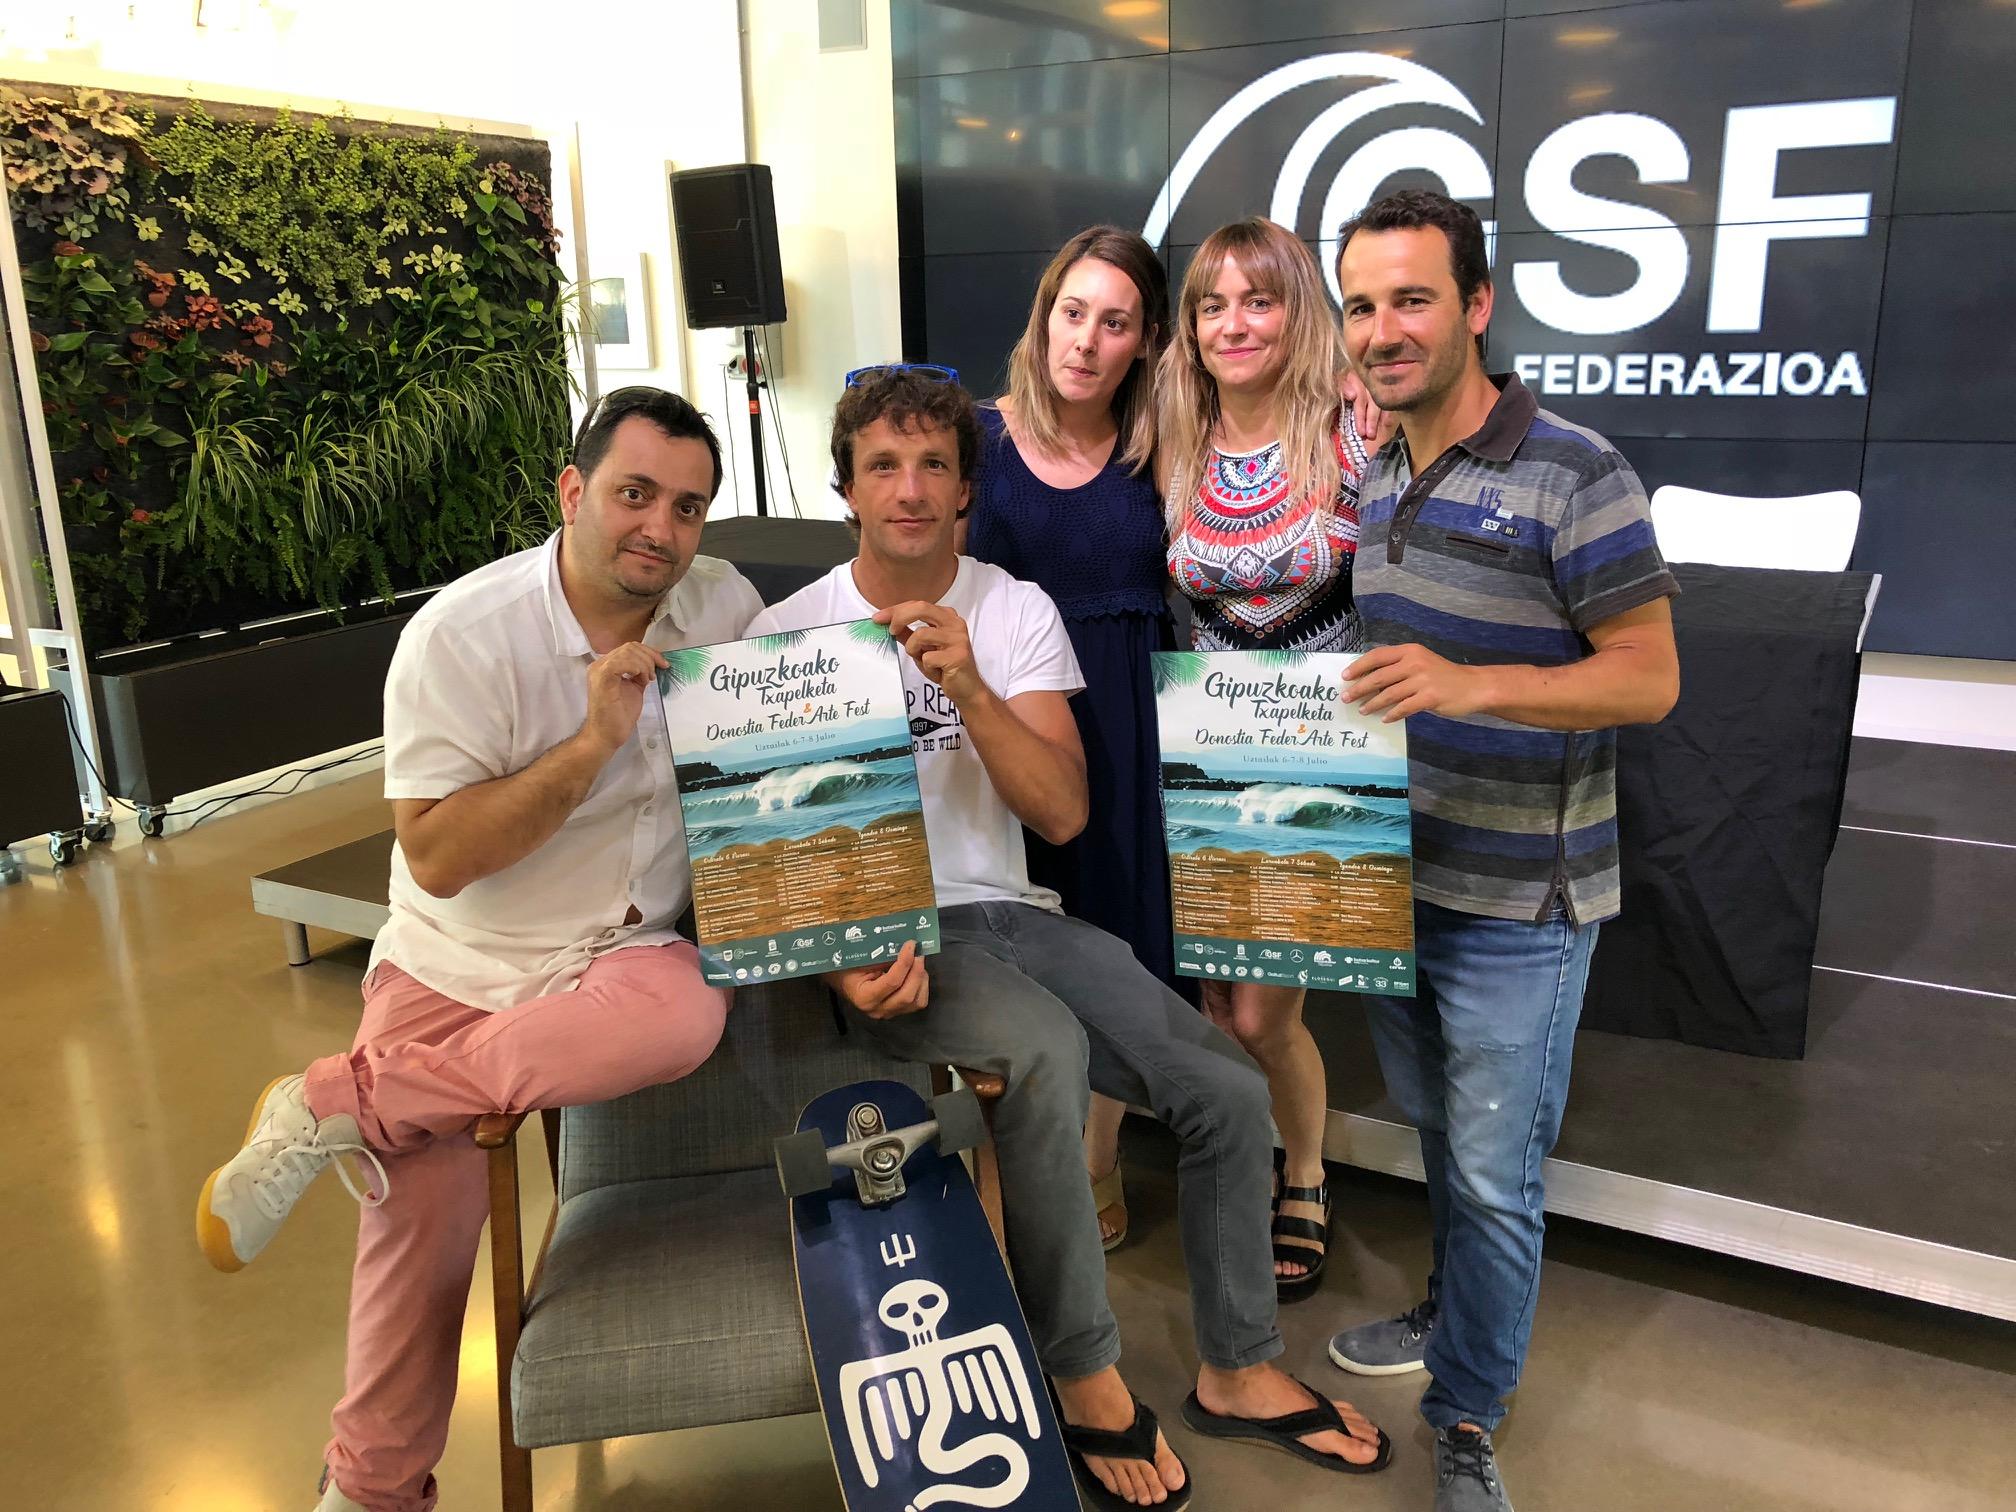 Presentación Campeonato de Surf de Gipuzkoa inclusivo